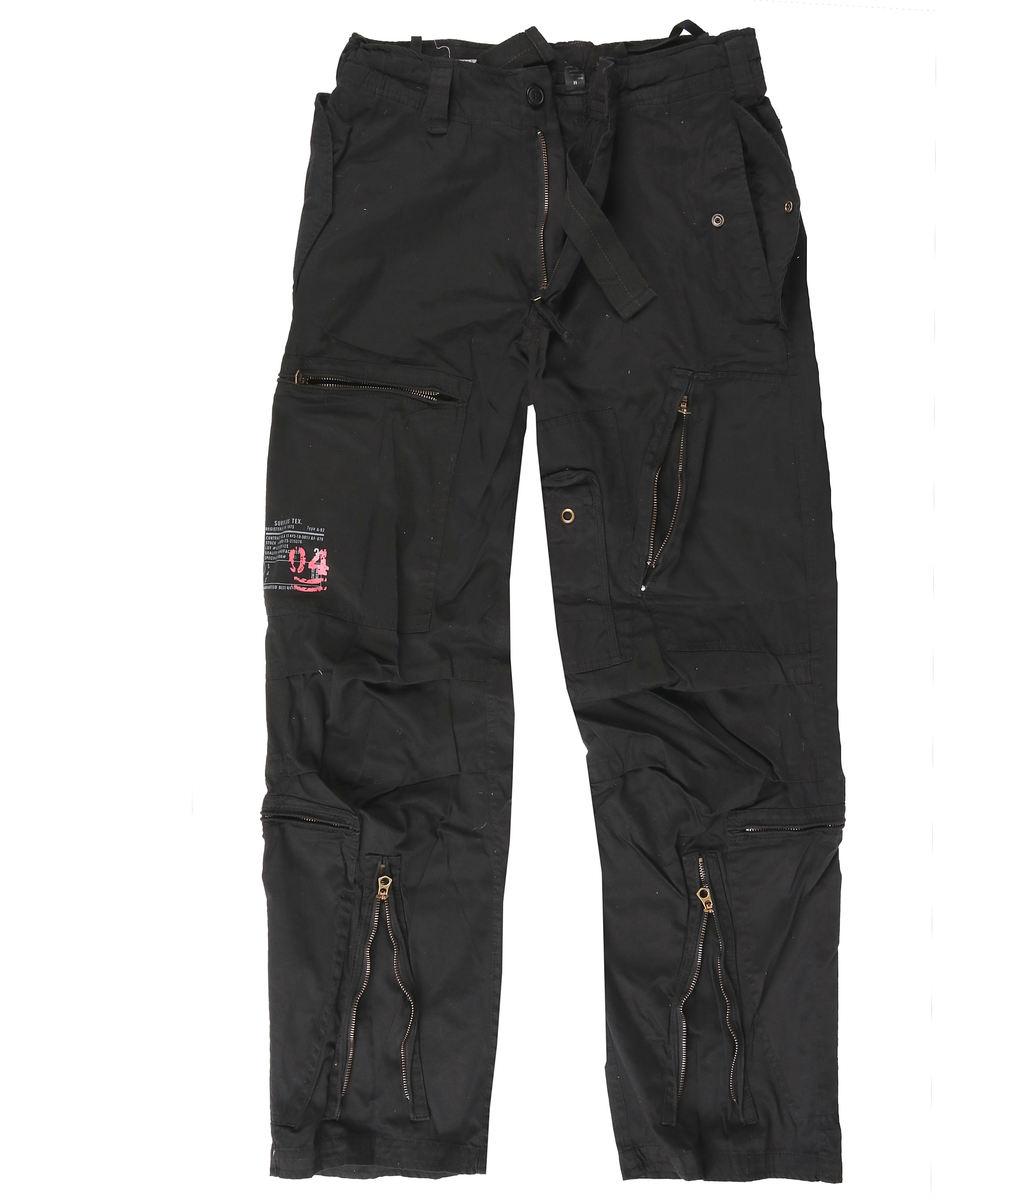 49e286f27705 topánky STEEL - 10 dierkové čierne ( 105 106 Black) 10tich-dierkové ...